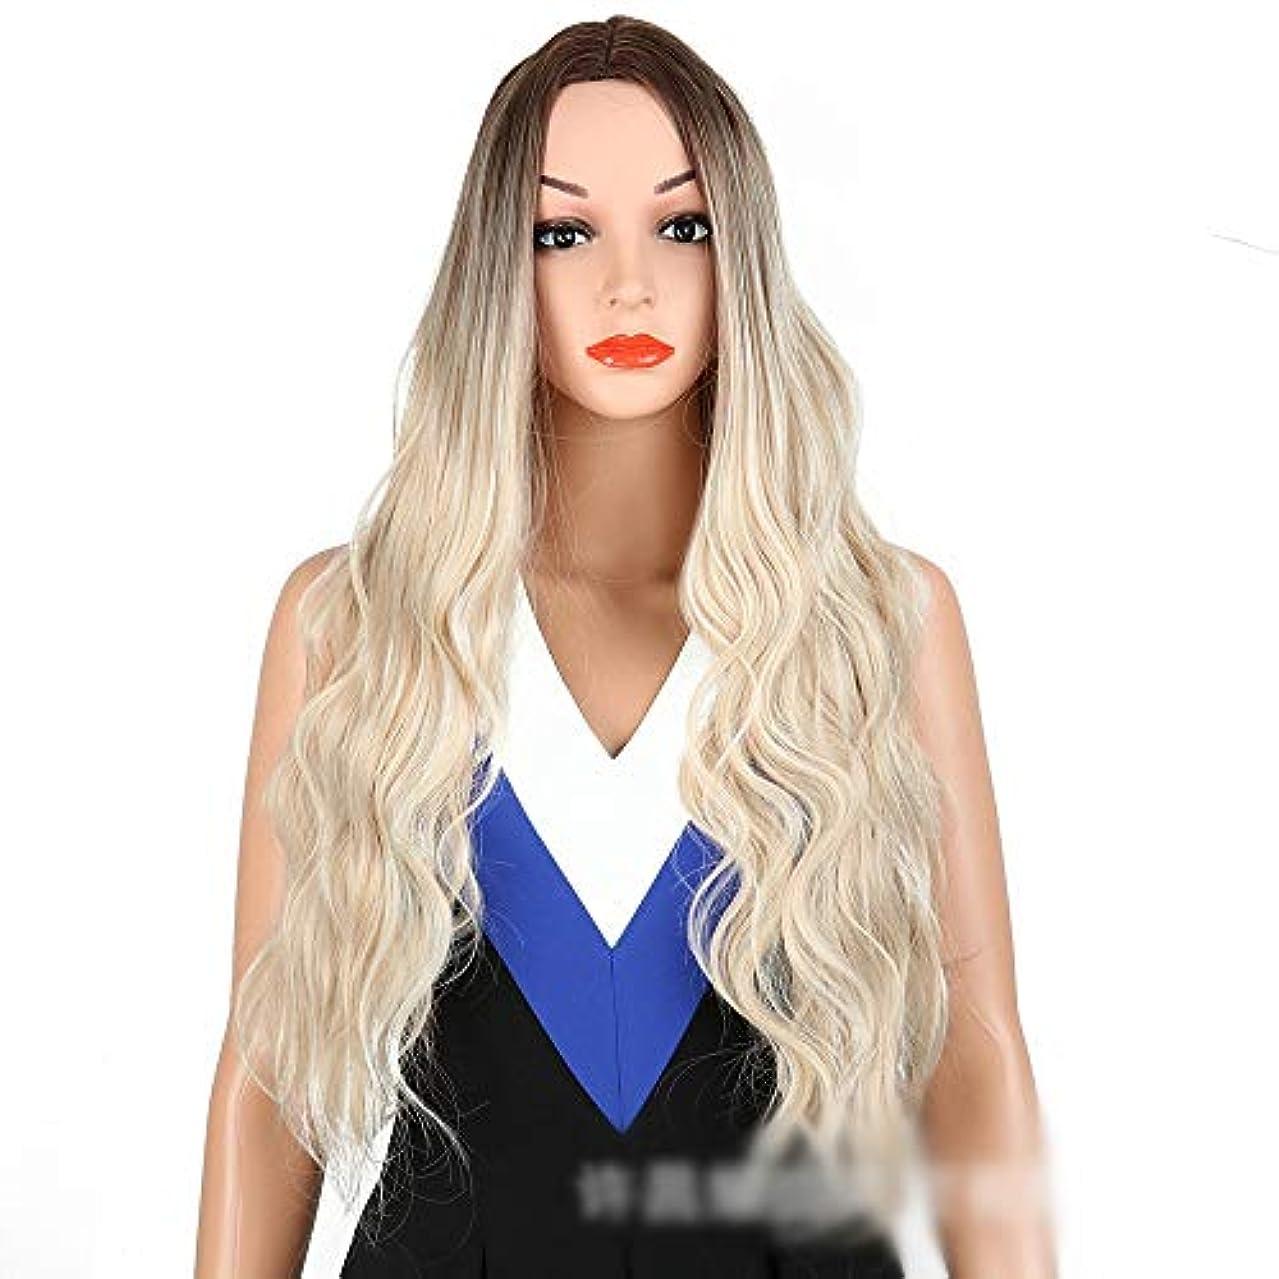 吸収眠る自動的にWASAIO 女性のライトブロンドボディウェーブウィッグファッションロングカーリーヘアミドルパーツアクセサリー用スタイル交換ファイバー合成フリーキャップ付き (色 : Light blonde)